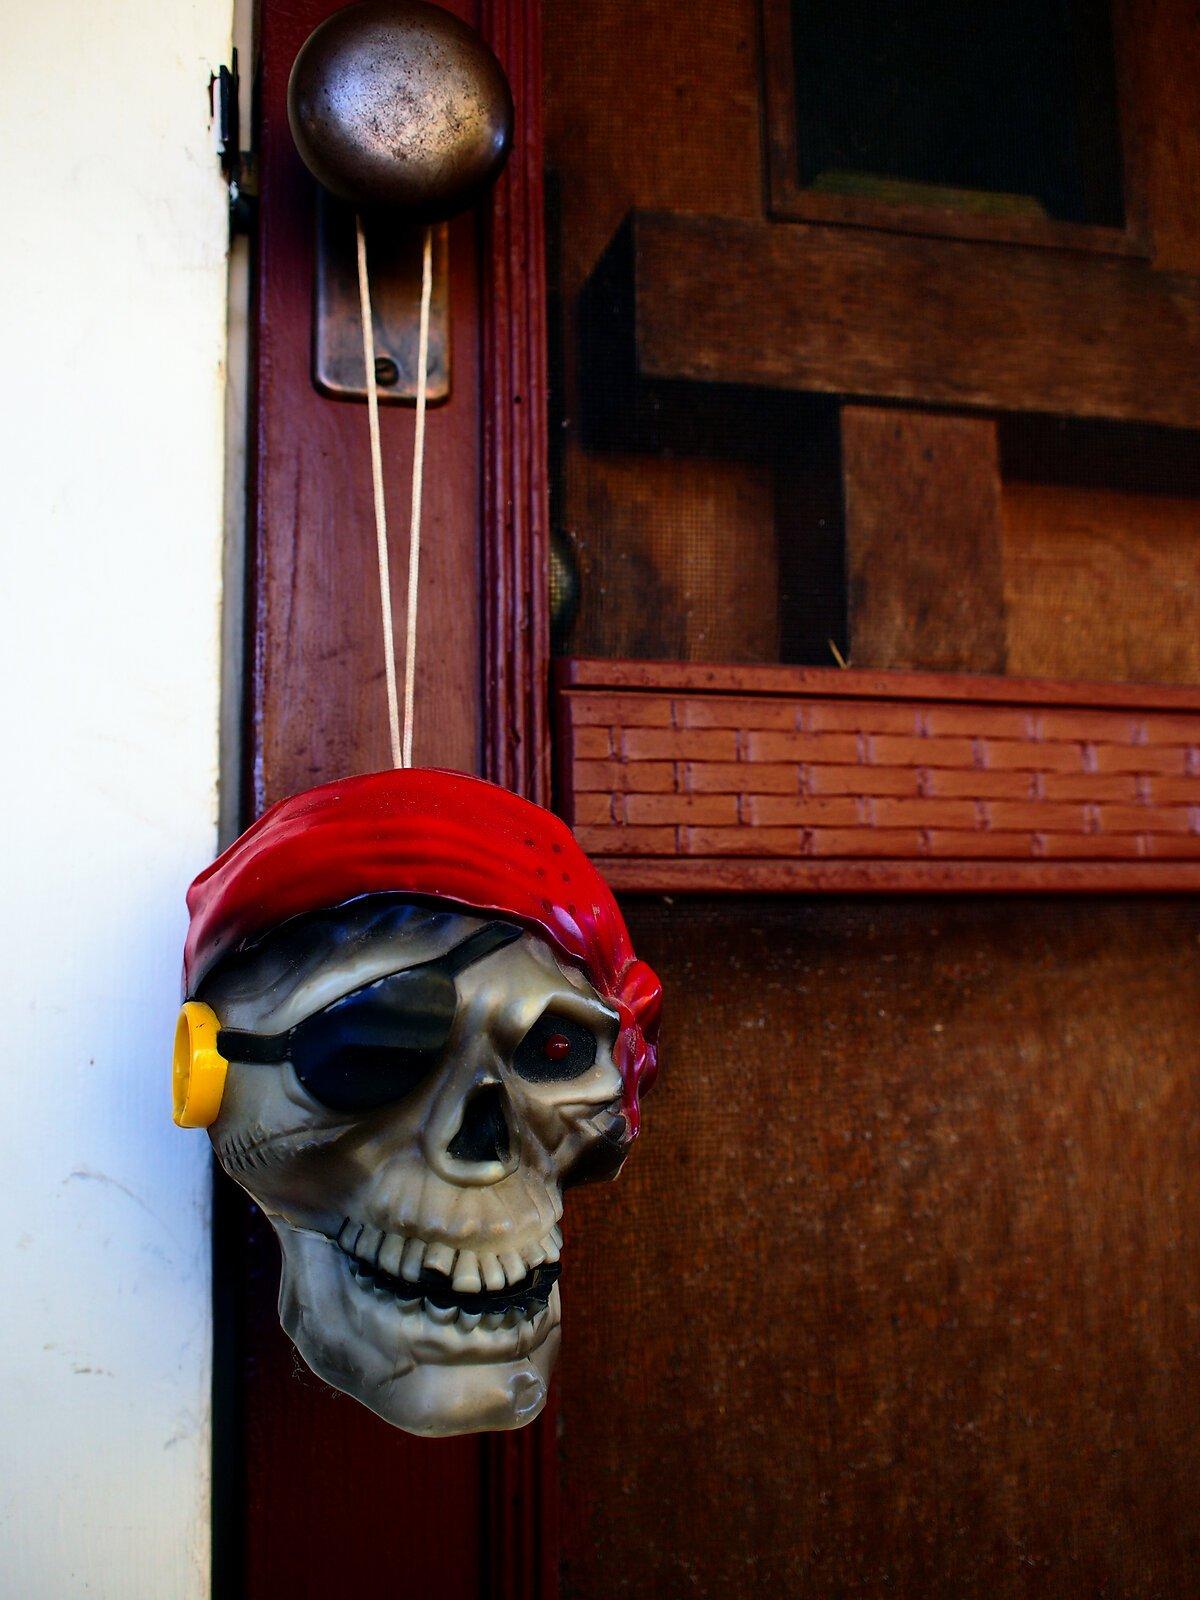 EP3_Oct31_Pirate_skull.jpg